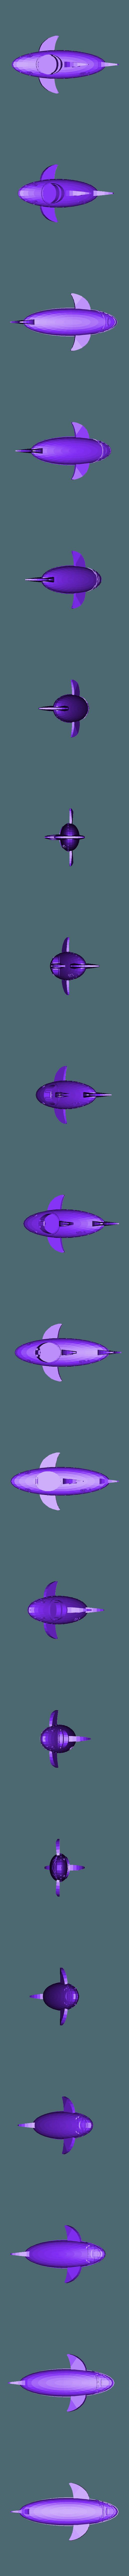 Octonauts_Gup_B_FULL.stl Télécharger fichier STL gratuit Octonauts Jouet Gup-B • Modèle imprimable en 3D, Sablebadger